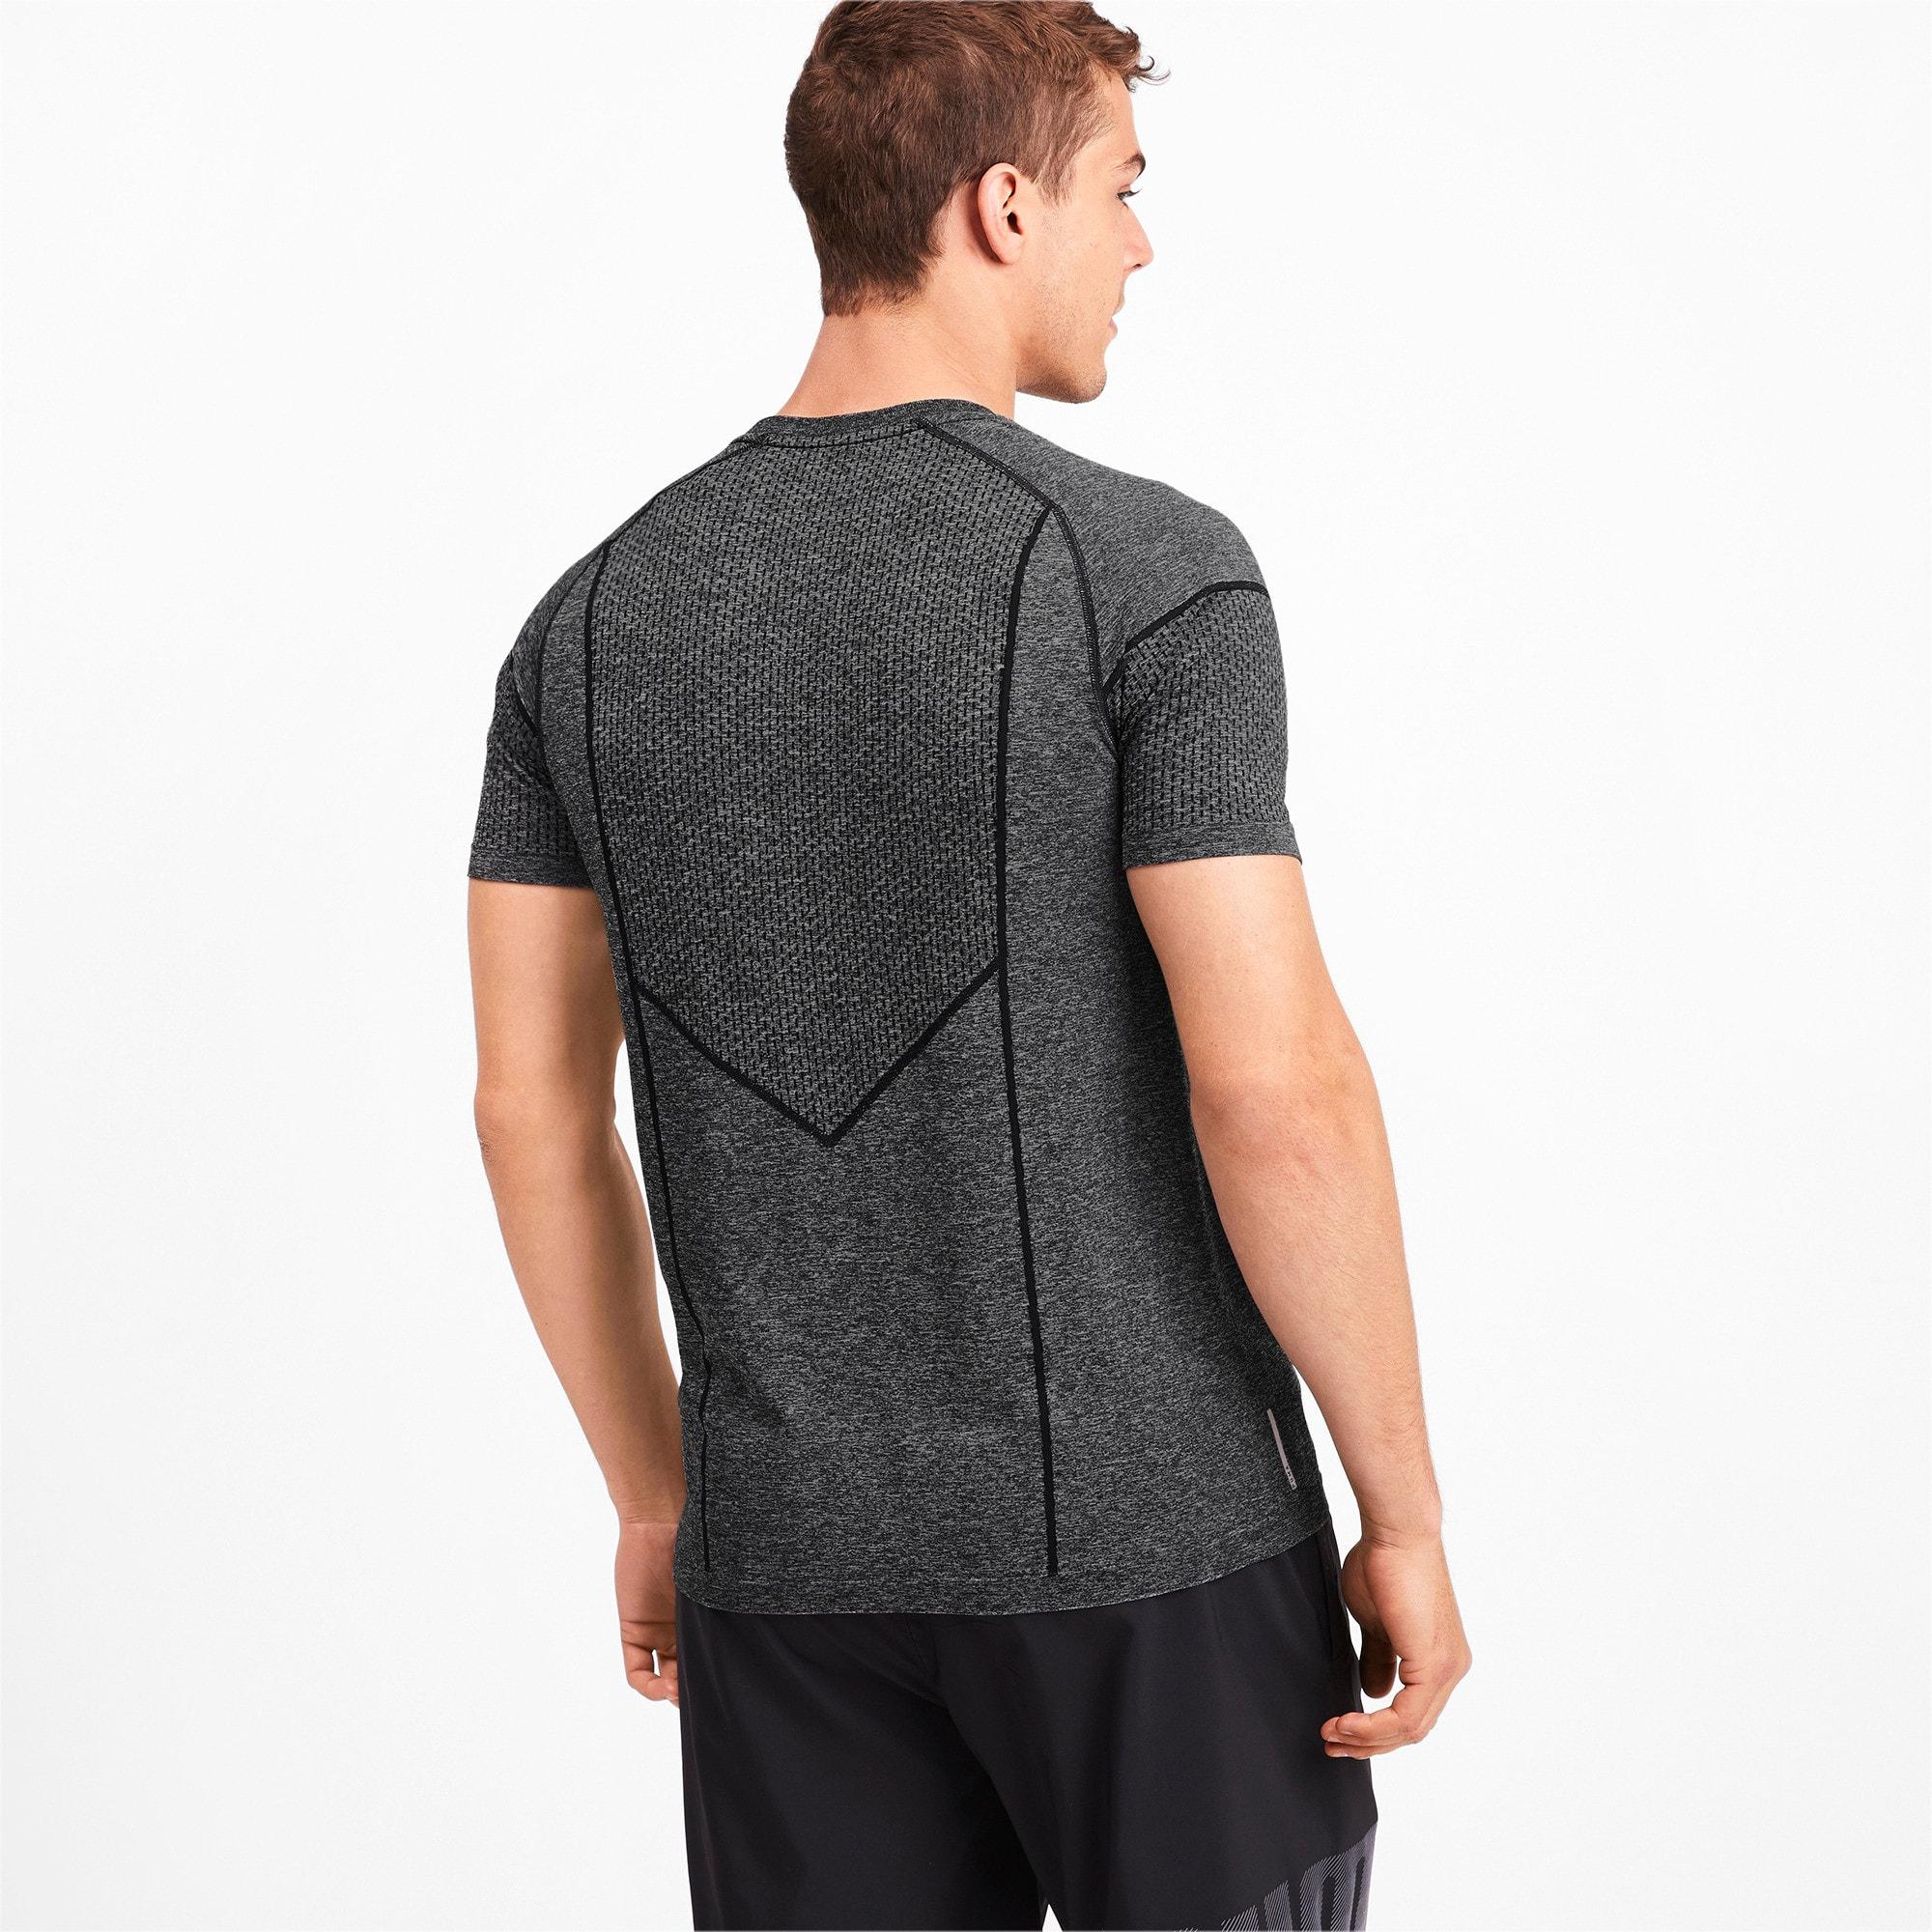 Miniatura 2 de Camiseta Reactive evoKNIT para hombre, Puma Black Heather, mediano